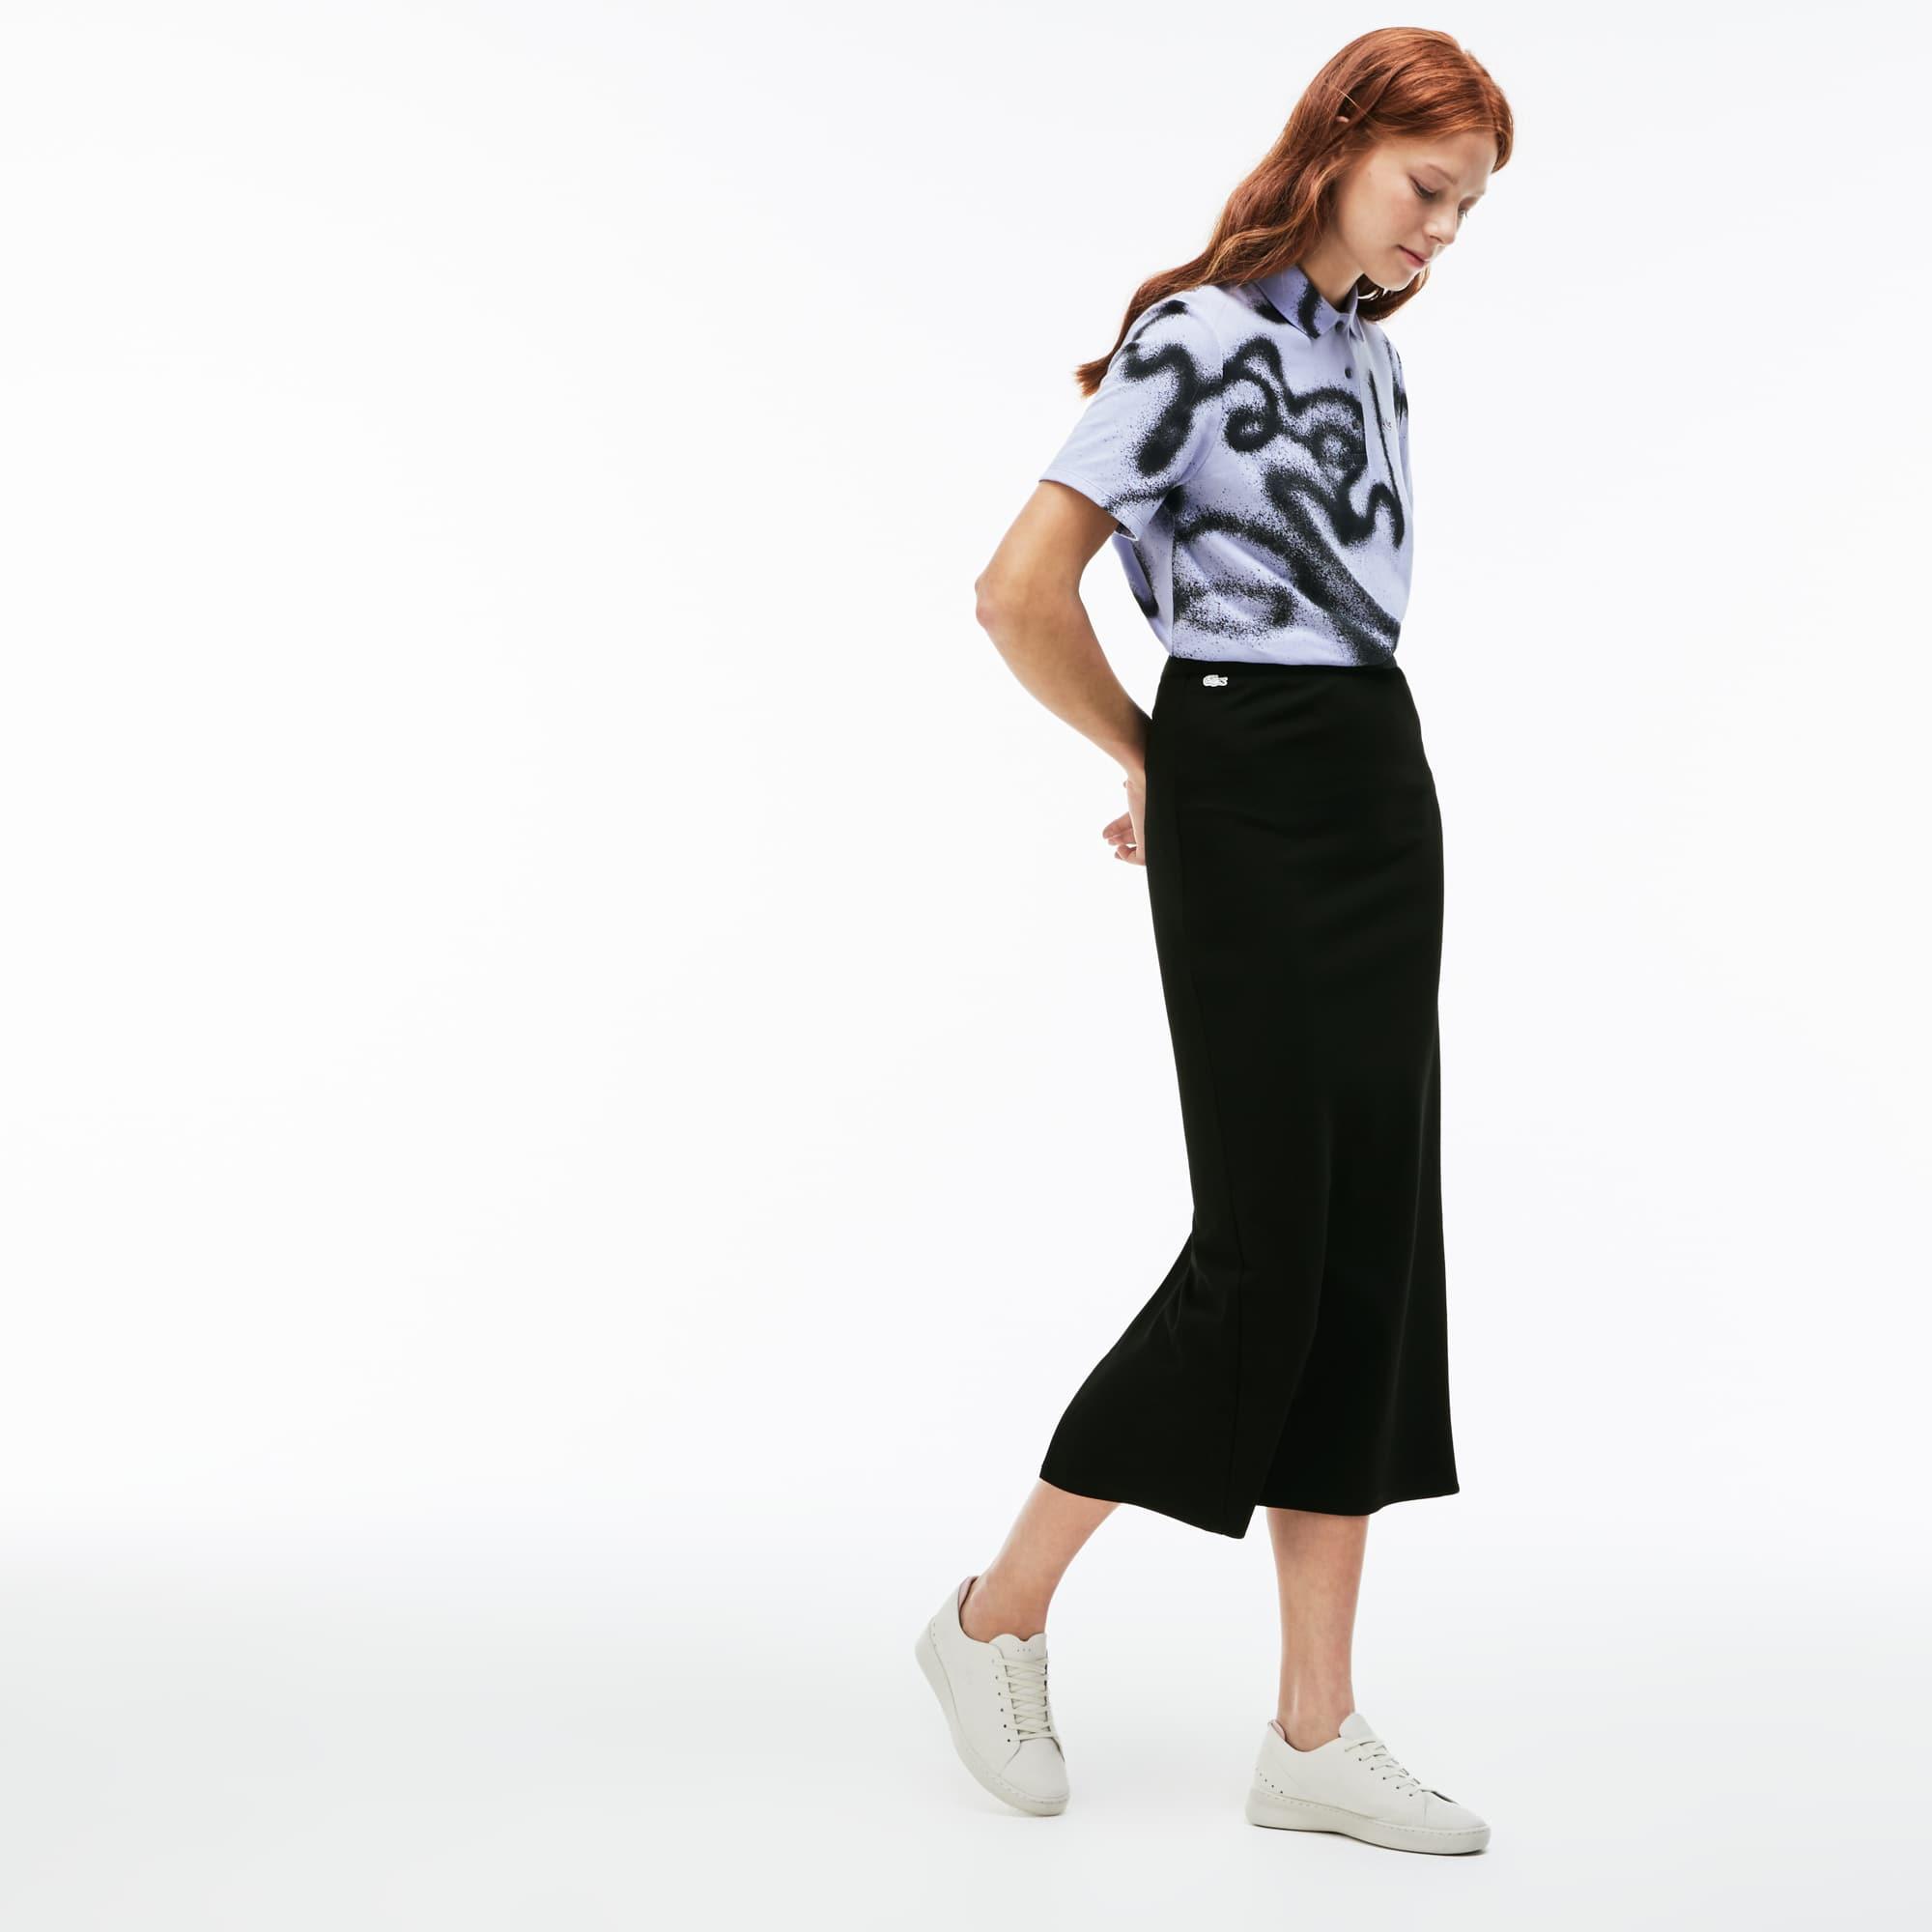 Falda larga Lacoste LIVE de punto jersey técnico con franjas contrastantes